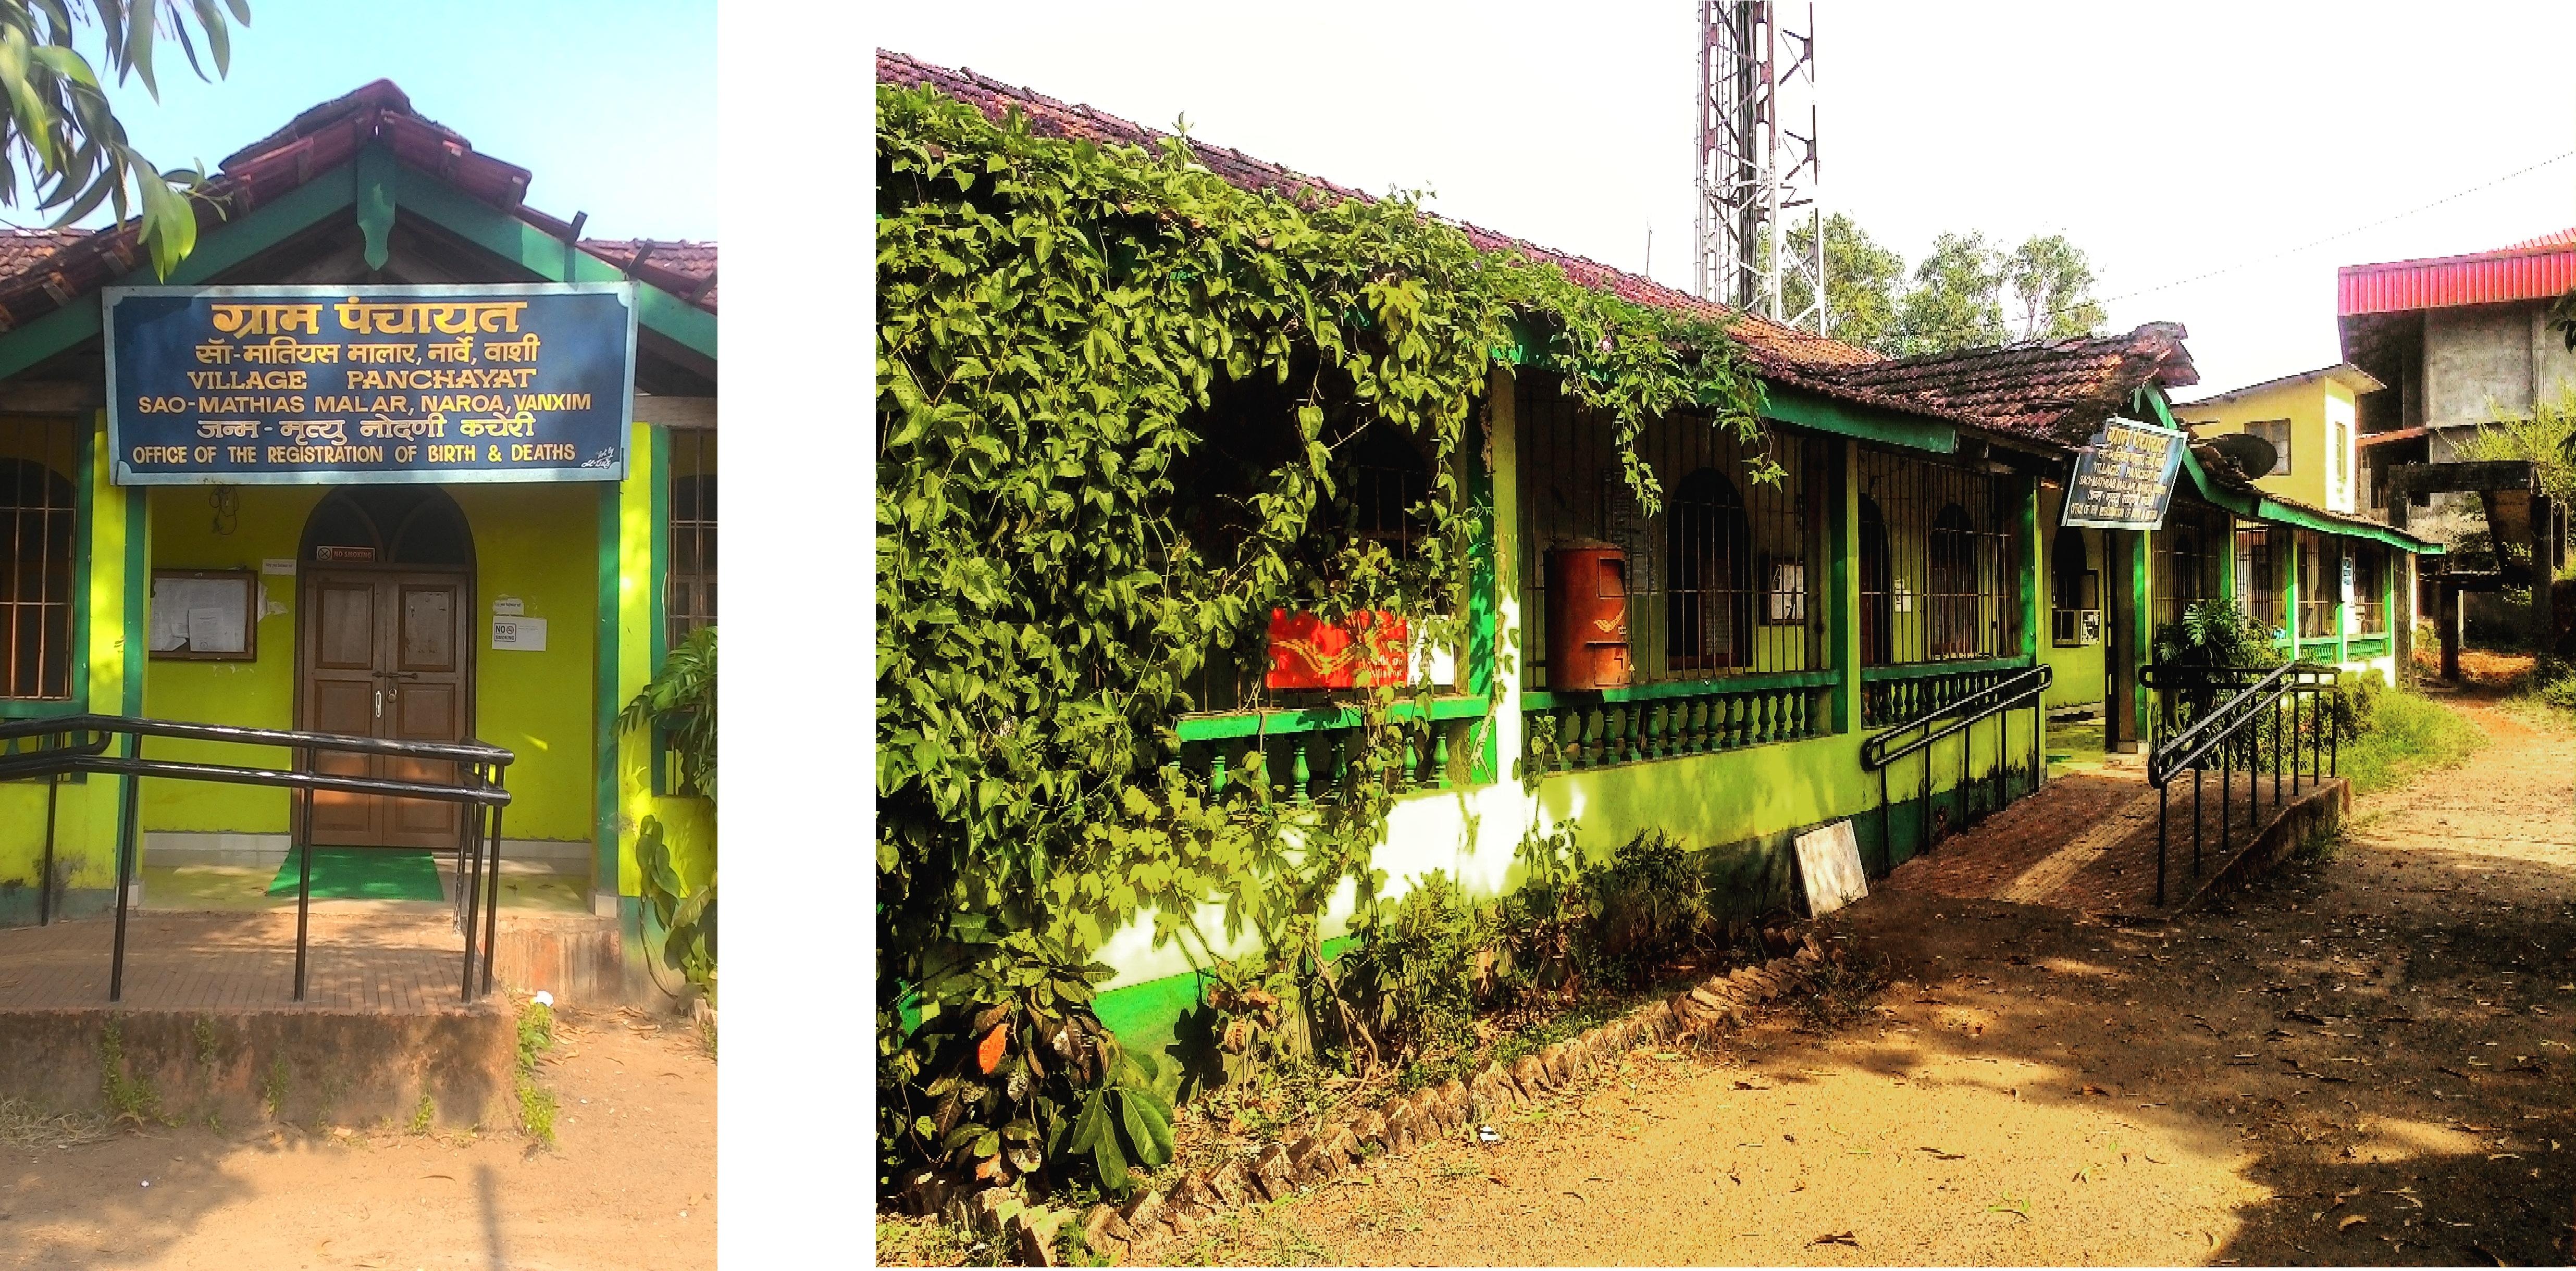 FileSo Mathias Village Panchayat So Malar Divar Goa